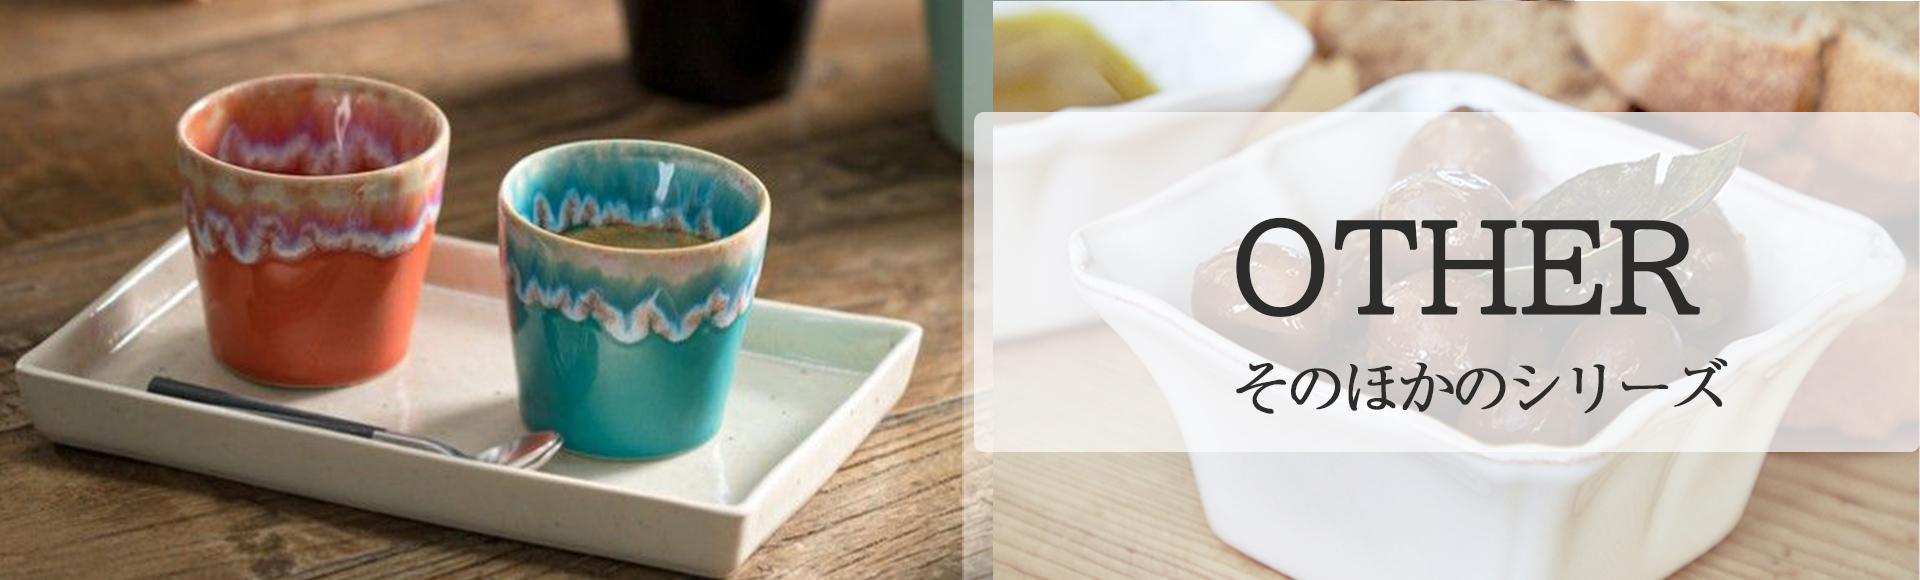 コスタ・ノバの小さなシリーズ。色やテイストのバリエーションが広がります。